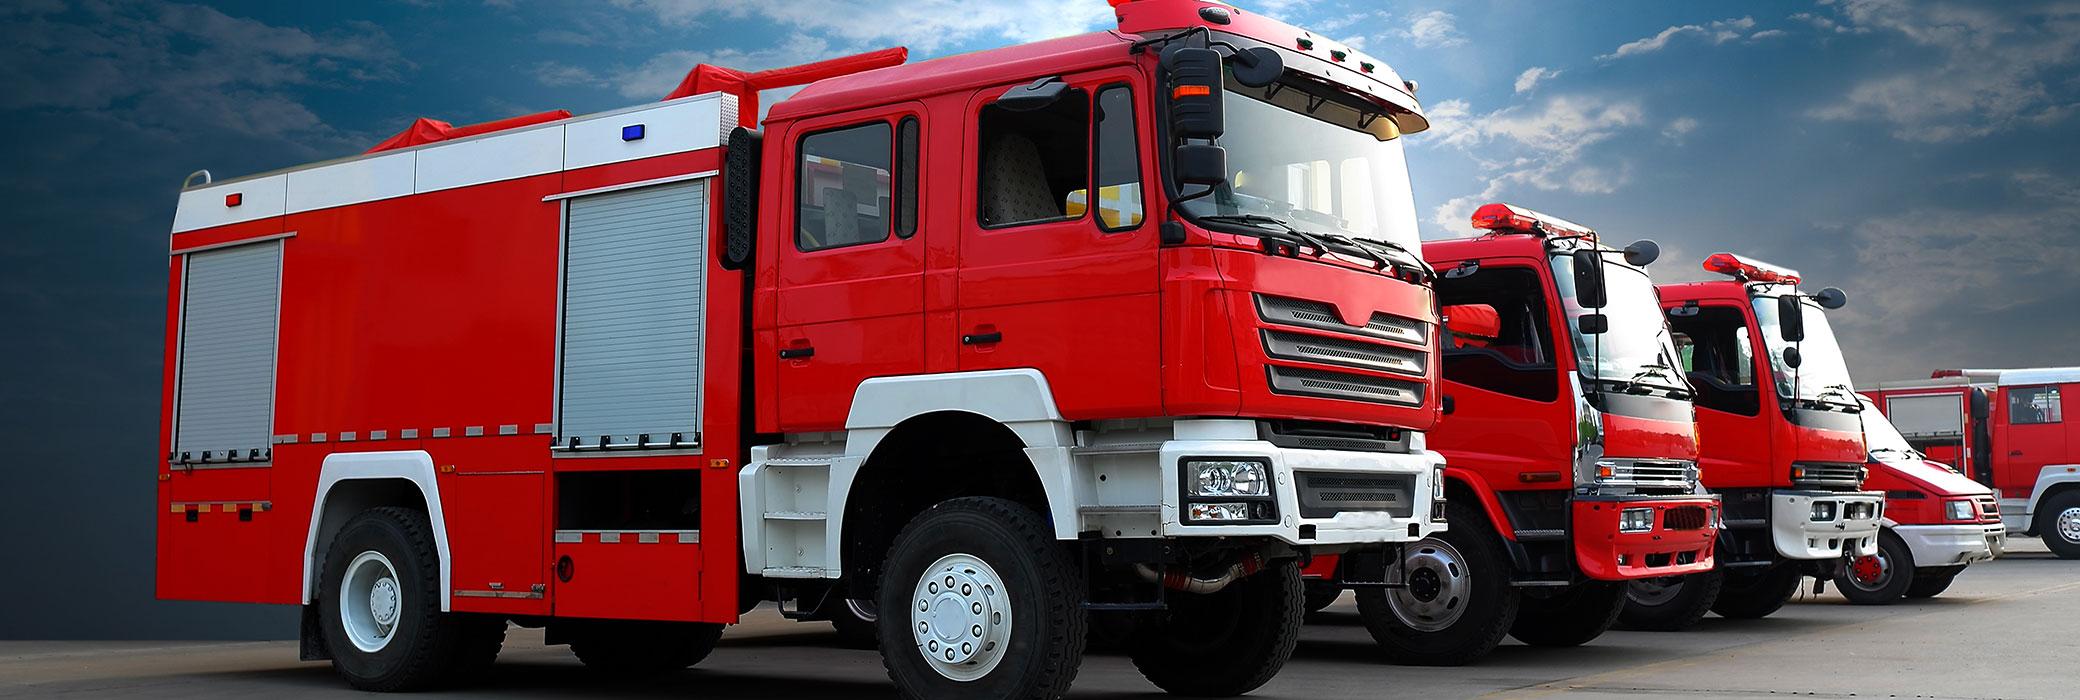 Camiones de bomberos en fila. Cielo azul nublado sobre ellos.